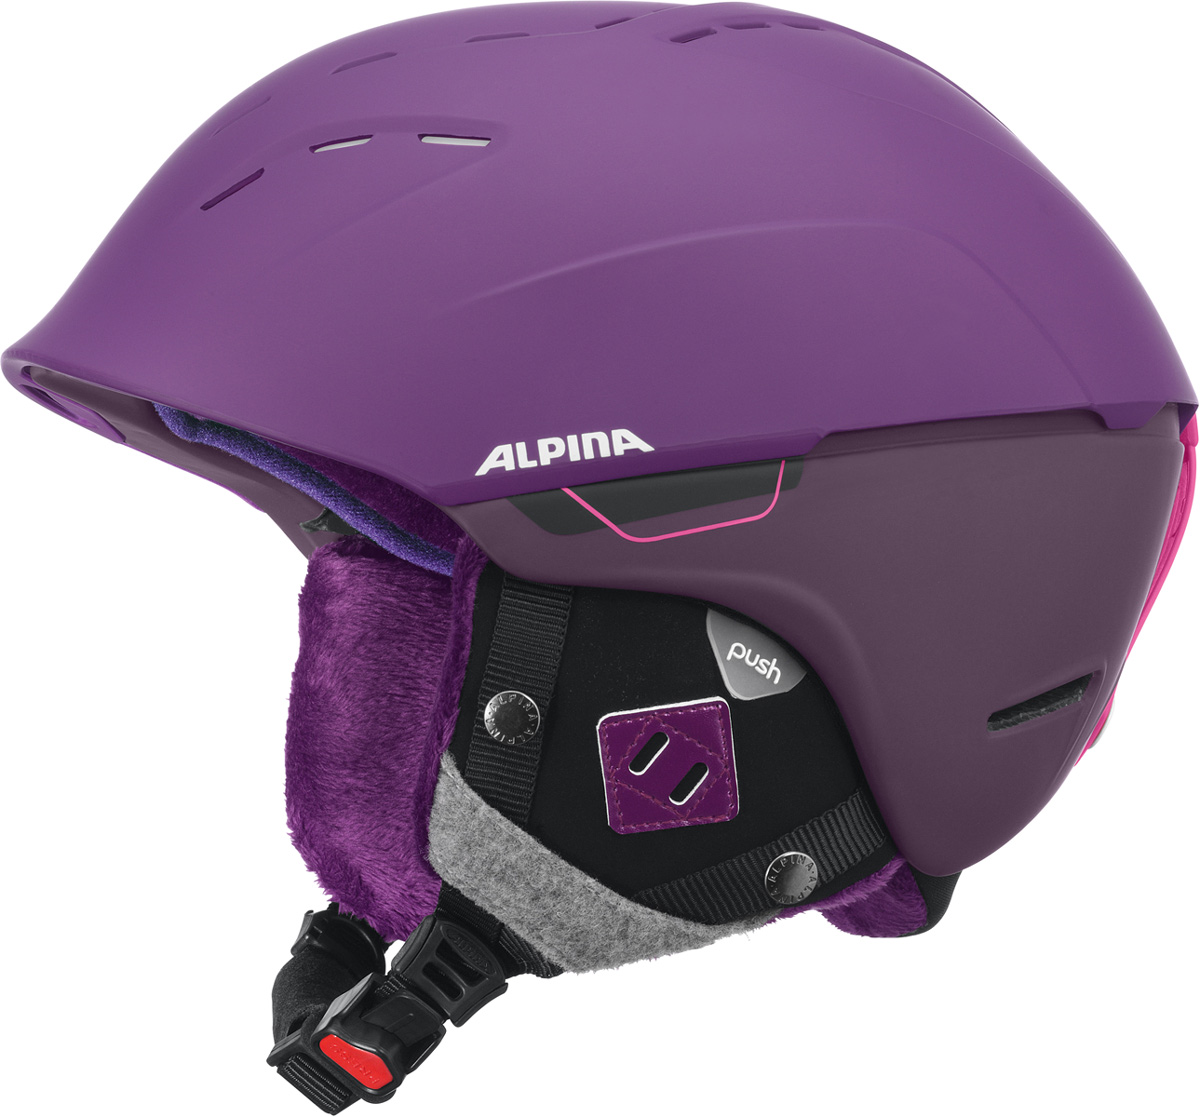 Шлем горнолыжный Alpina SPICE deep-violet matt. Размер 52-56A9067_50Благодаря применяемым технологиям, этот шлем исключительно удобен при ношении и имеет отличную вентиляцию. Размеры: 52-61 см. Технологии:Hybrid - Нижняя часть шлема состоит из легкого Inmold, что обеспечивает хорошую амортизацию. Верхняя часть - супер-прочный Hardshell.EDGE PROTECT – усиленная нижняя часть шлема, выполненная по технологии Inmold. Дополнительная защита при боковых ударах. RUN SYSTEM – простая система настройки шлема, позволяющая добиться надежной фиксации.AIRSTREAM CONTROL – регулируемые воздушные клапана для полного контроля внутренней вентиляции. REMOVABLE EARPADS - съемные амбушюры добавляют чувства свободы во время катания в теплую погоду, не в ущерб безопасности. При падении температуры, амбушюры легко устанавливаются обратно на шлем.CHANGEABLE INTERIOR – съемная внутренняя часть. Допускается стирка в теплой мыльной воде.NECKWARMER – дополнительное утепление шеи. Изготовлено из мягкого флиса.3D FIT – ремень, позволяющий регулироваться затылочную часть шлема. Пять позиций позволят настроить идеальную посадку.